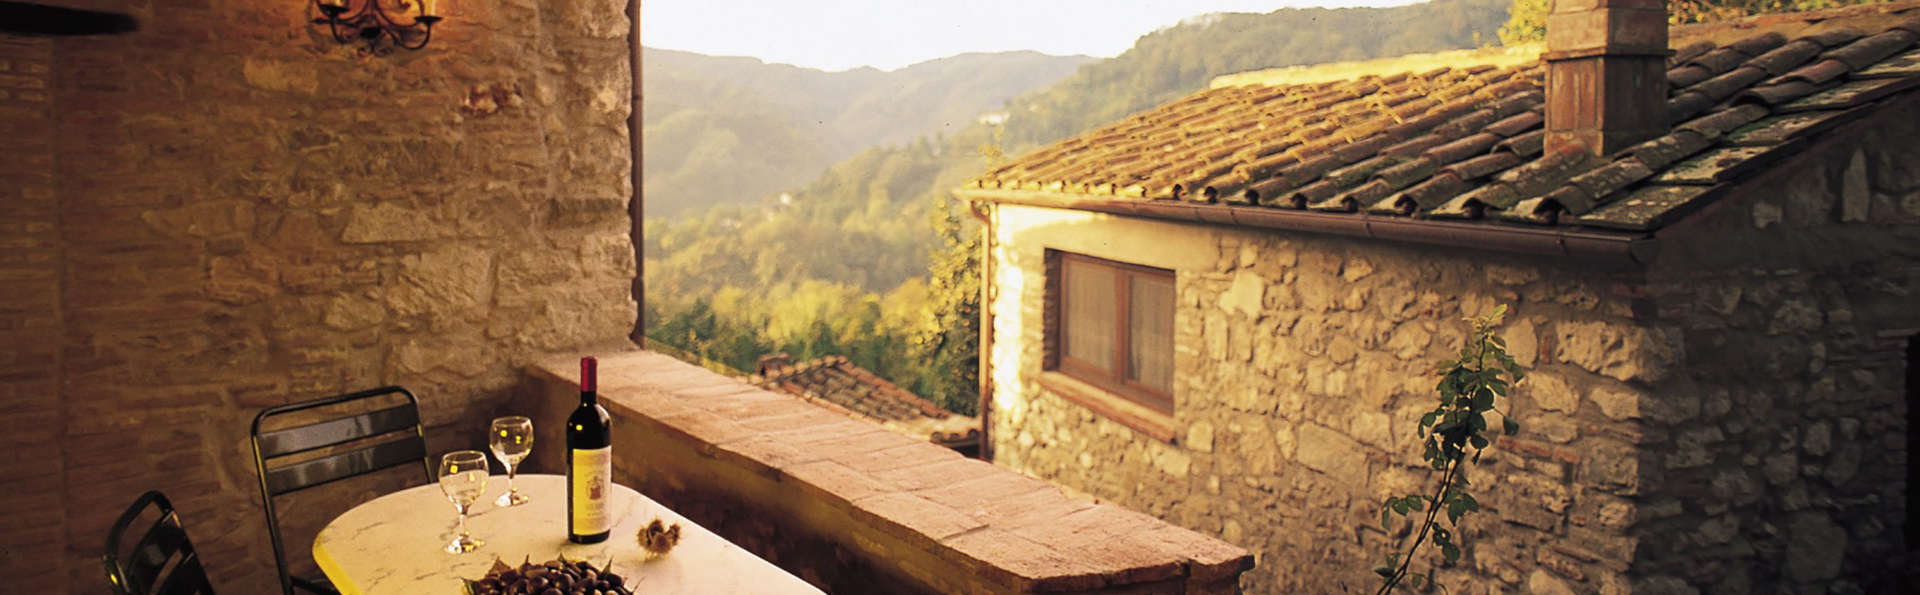 Weekend Romantico Borgo a Mozzano con prima colazione ...